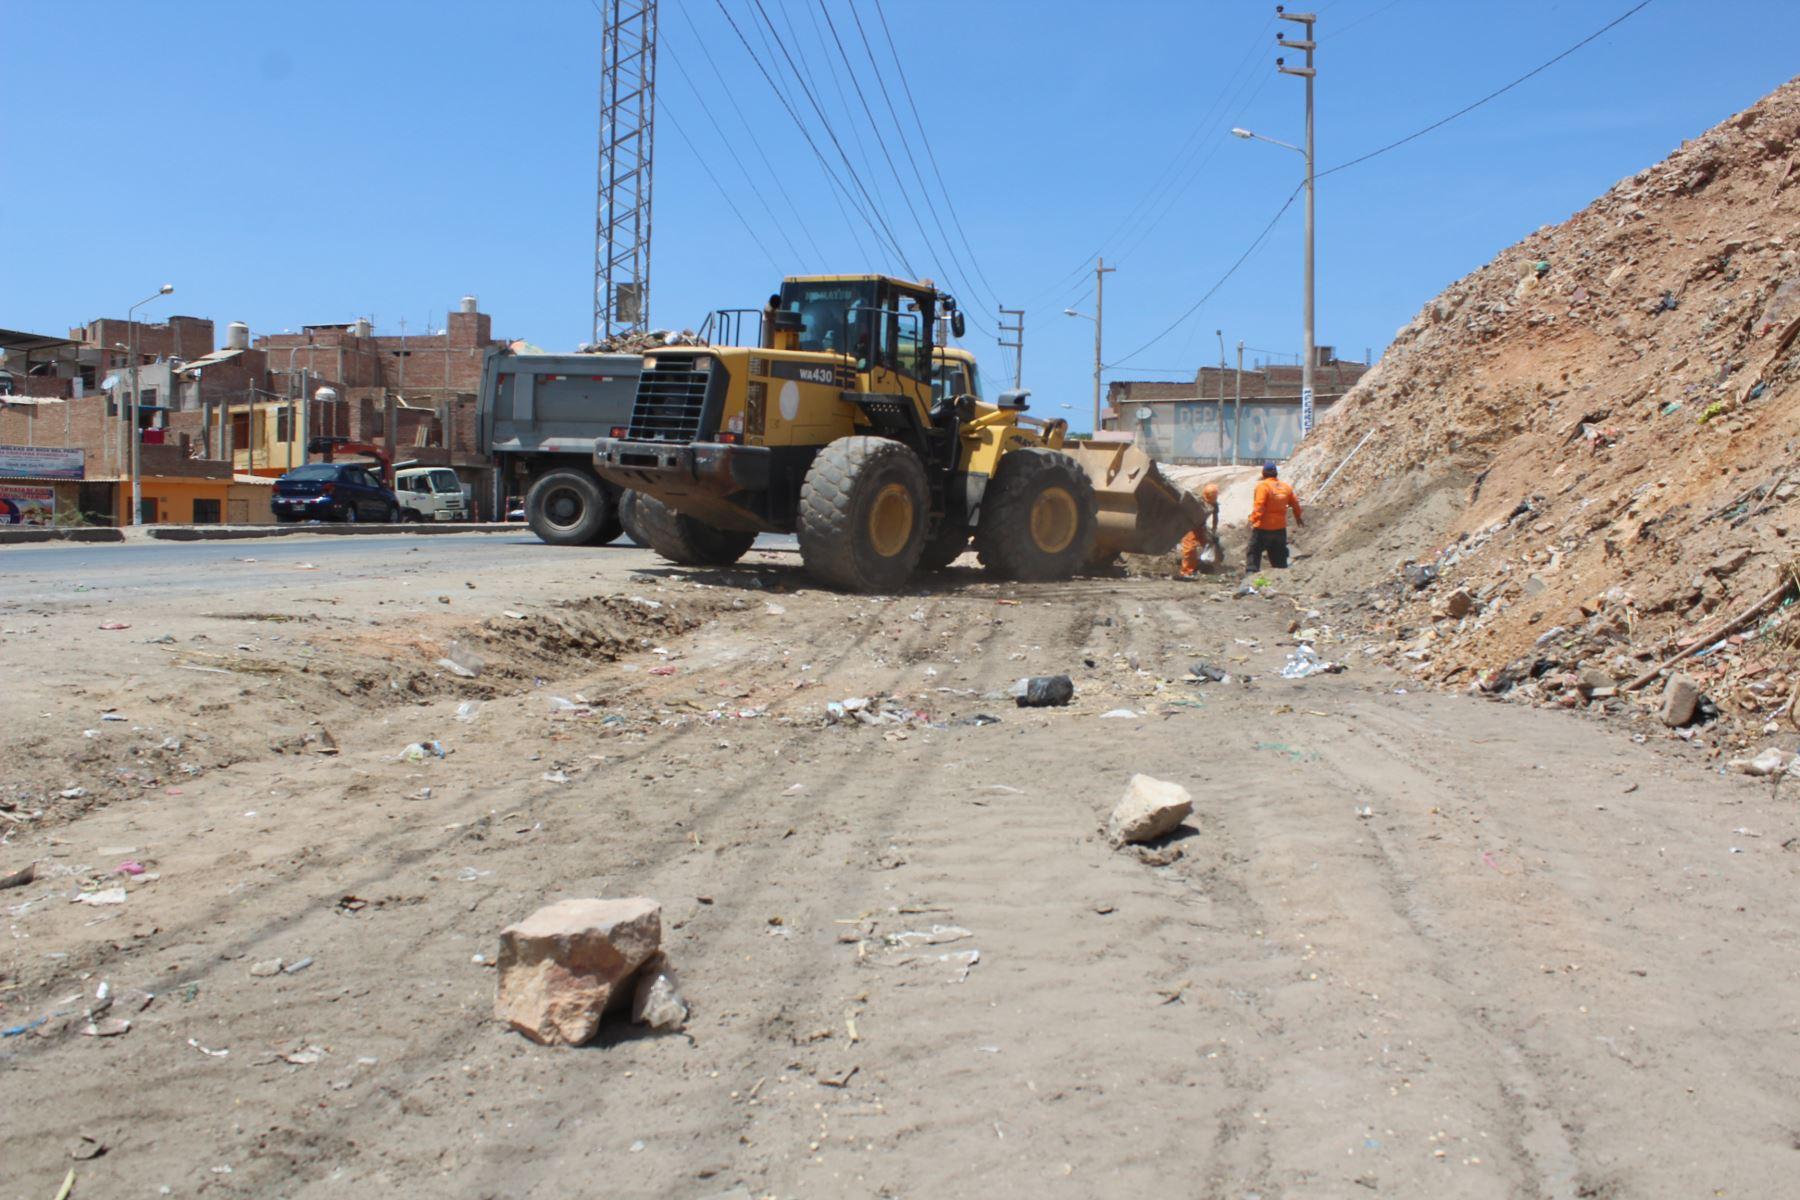 El Gobierno Regional de Lambayeque apoya a la Municipalidad Provincial de Chiclayo en el recojo de basura, en virtud a convenio de cooperación.